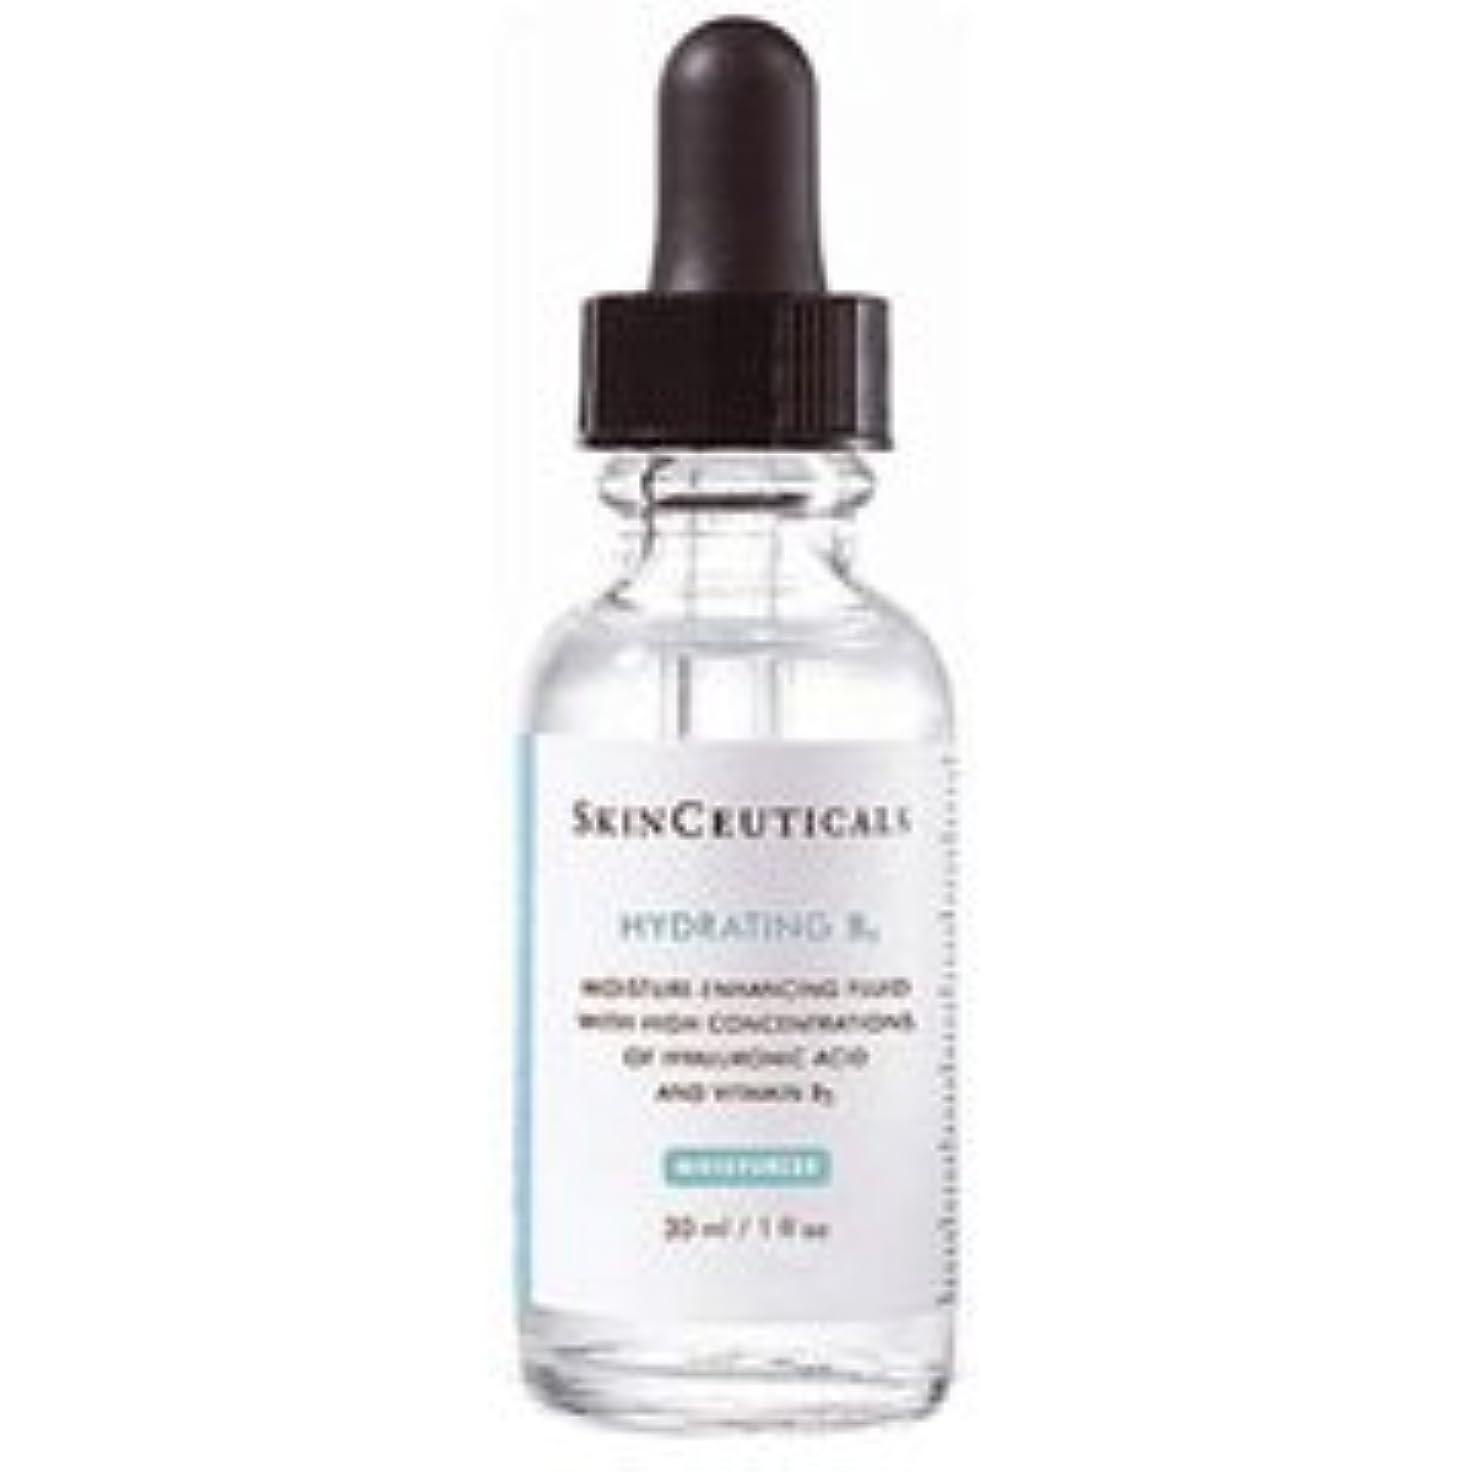 桃奇妙なフォームスキンシューティカルズ(Skinceuticals) ハイドレイティングB5ジェル 30ml [海外直送品][並行輸入品]